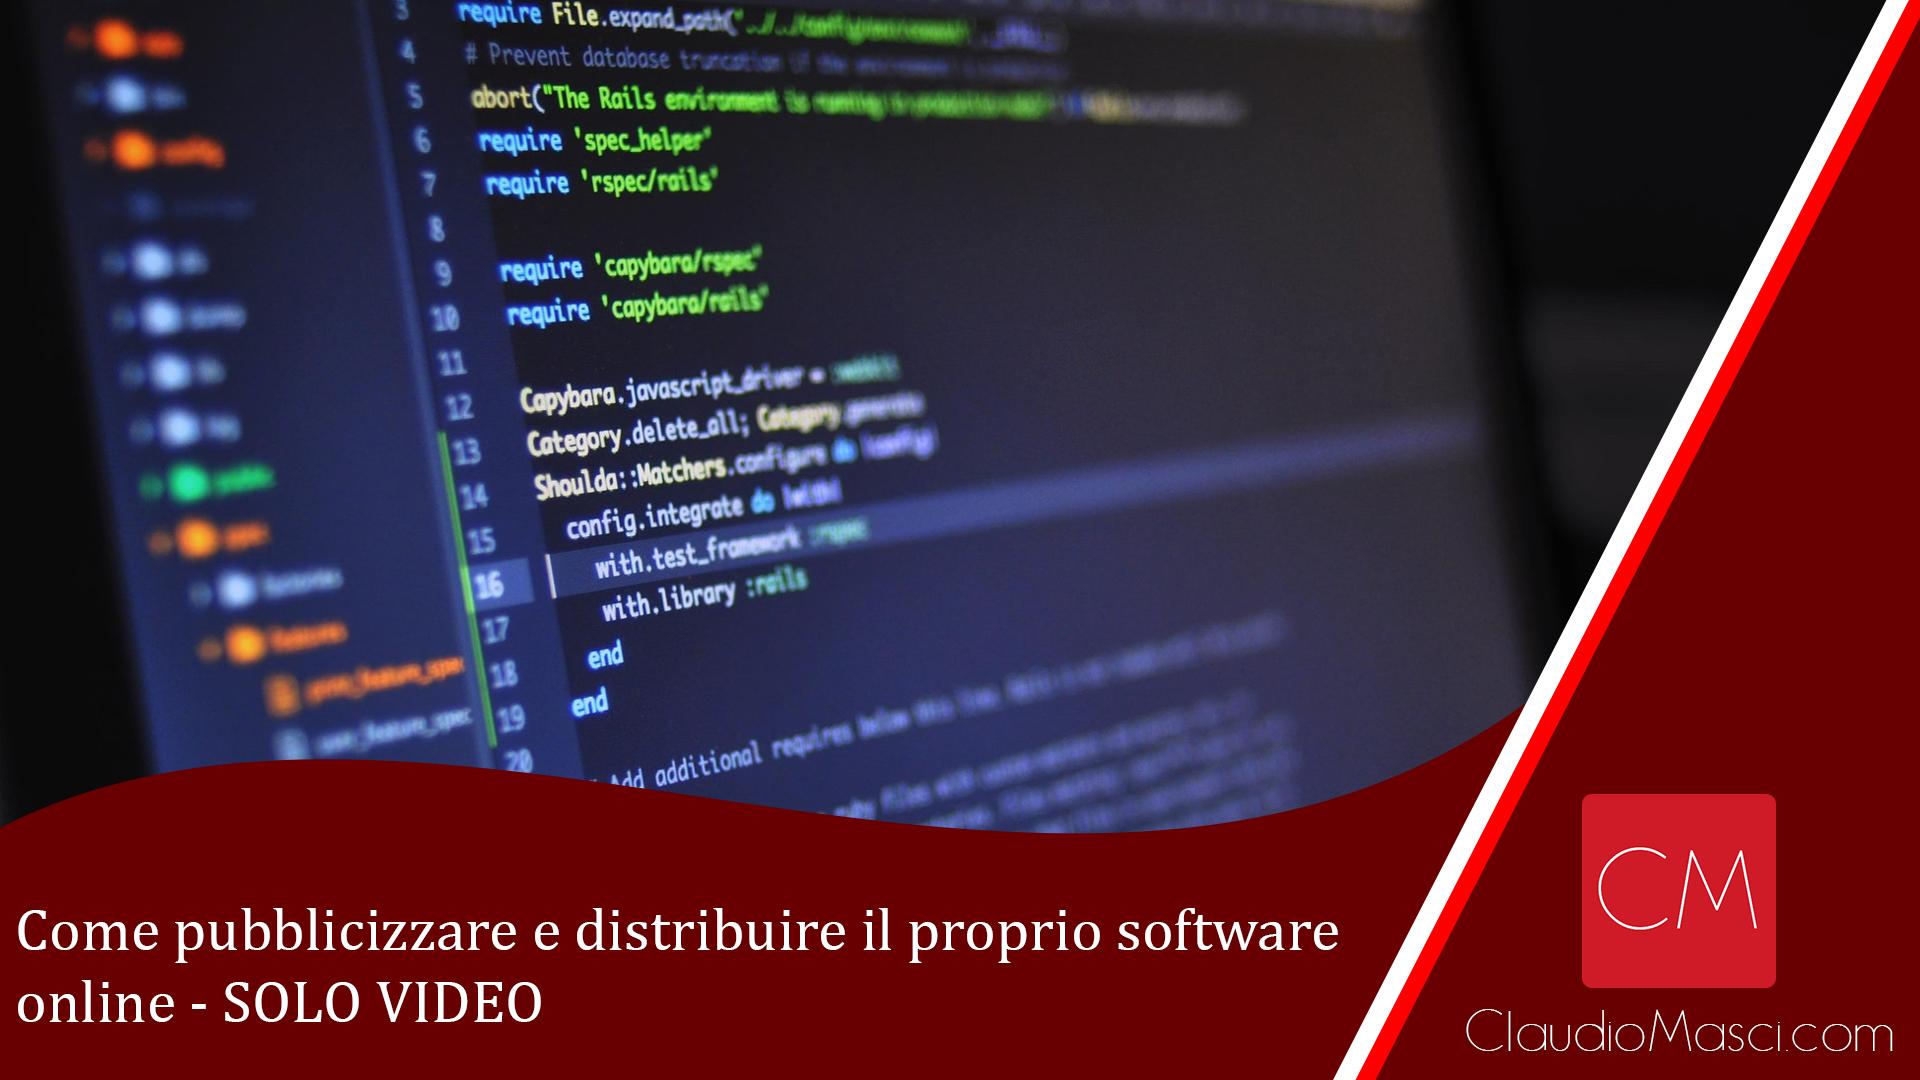 Come pubblicizzare e distribuire il proprio software online – SOLO VIDEO